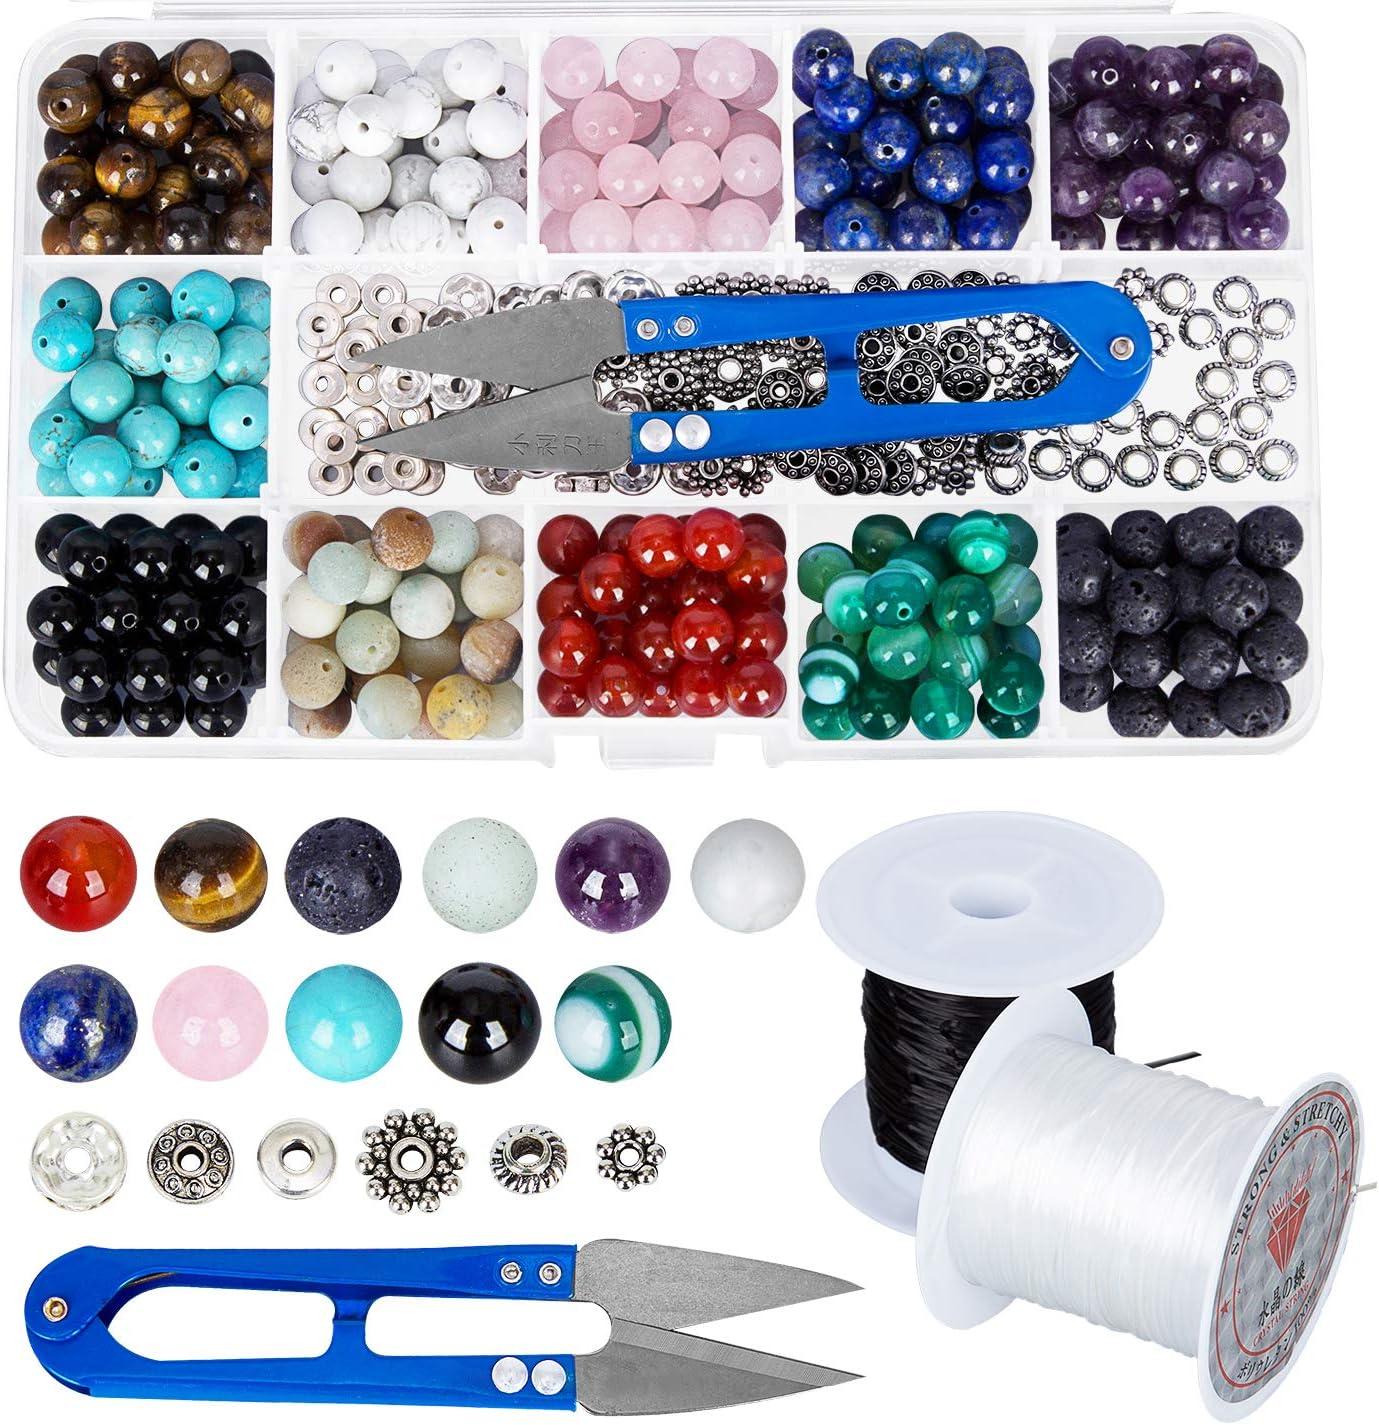 Kits de cajas de cuentas de piedra 264 piezas 8 mm redondo suelto Gemstone Natural Amatista Lave piedra Amazonlite varios colores con accesorios herramientas para hacer joyas de pulsera